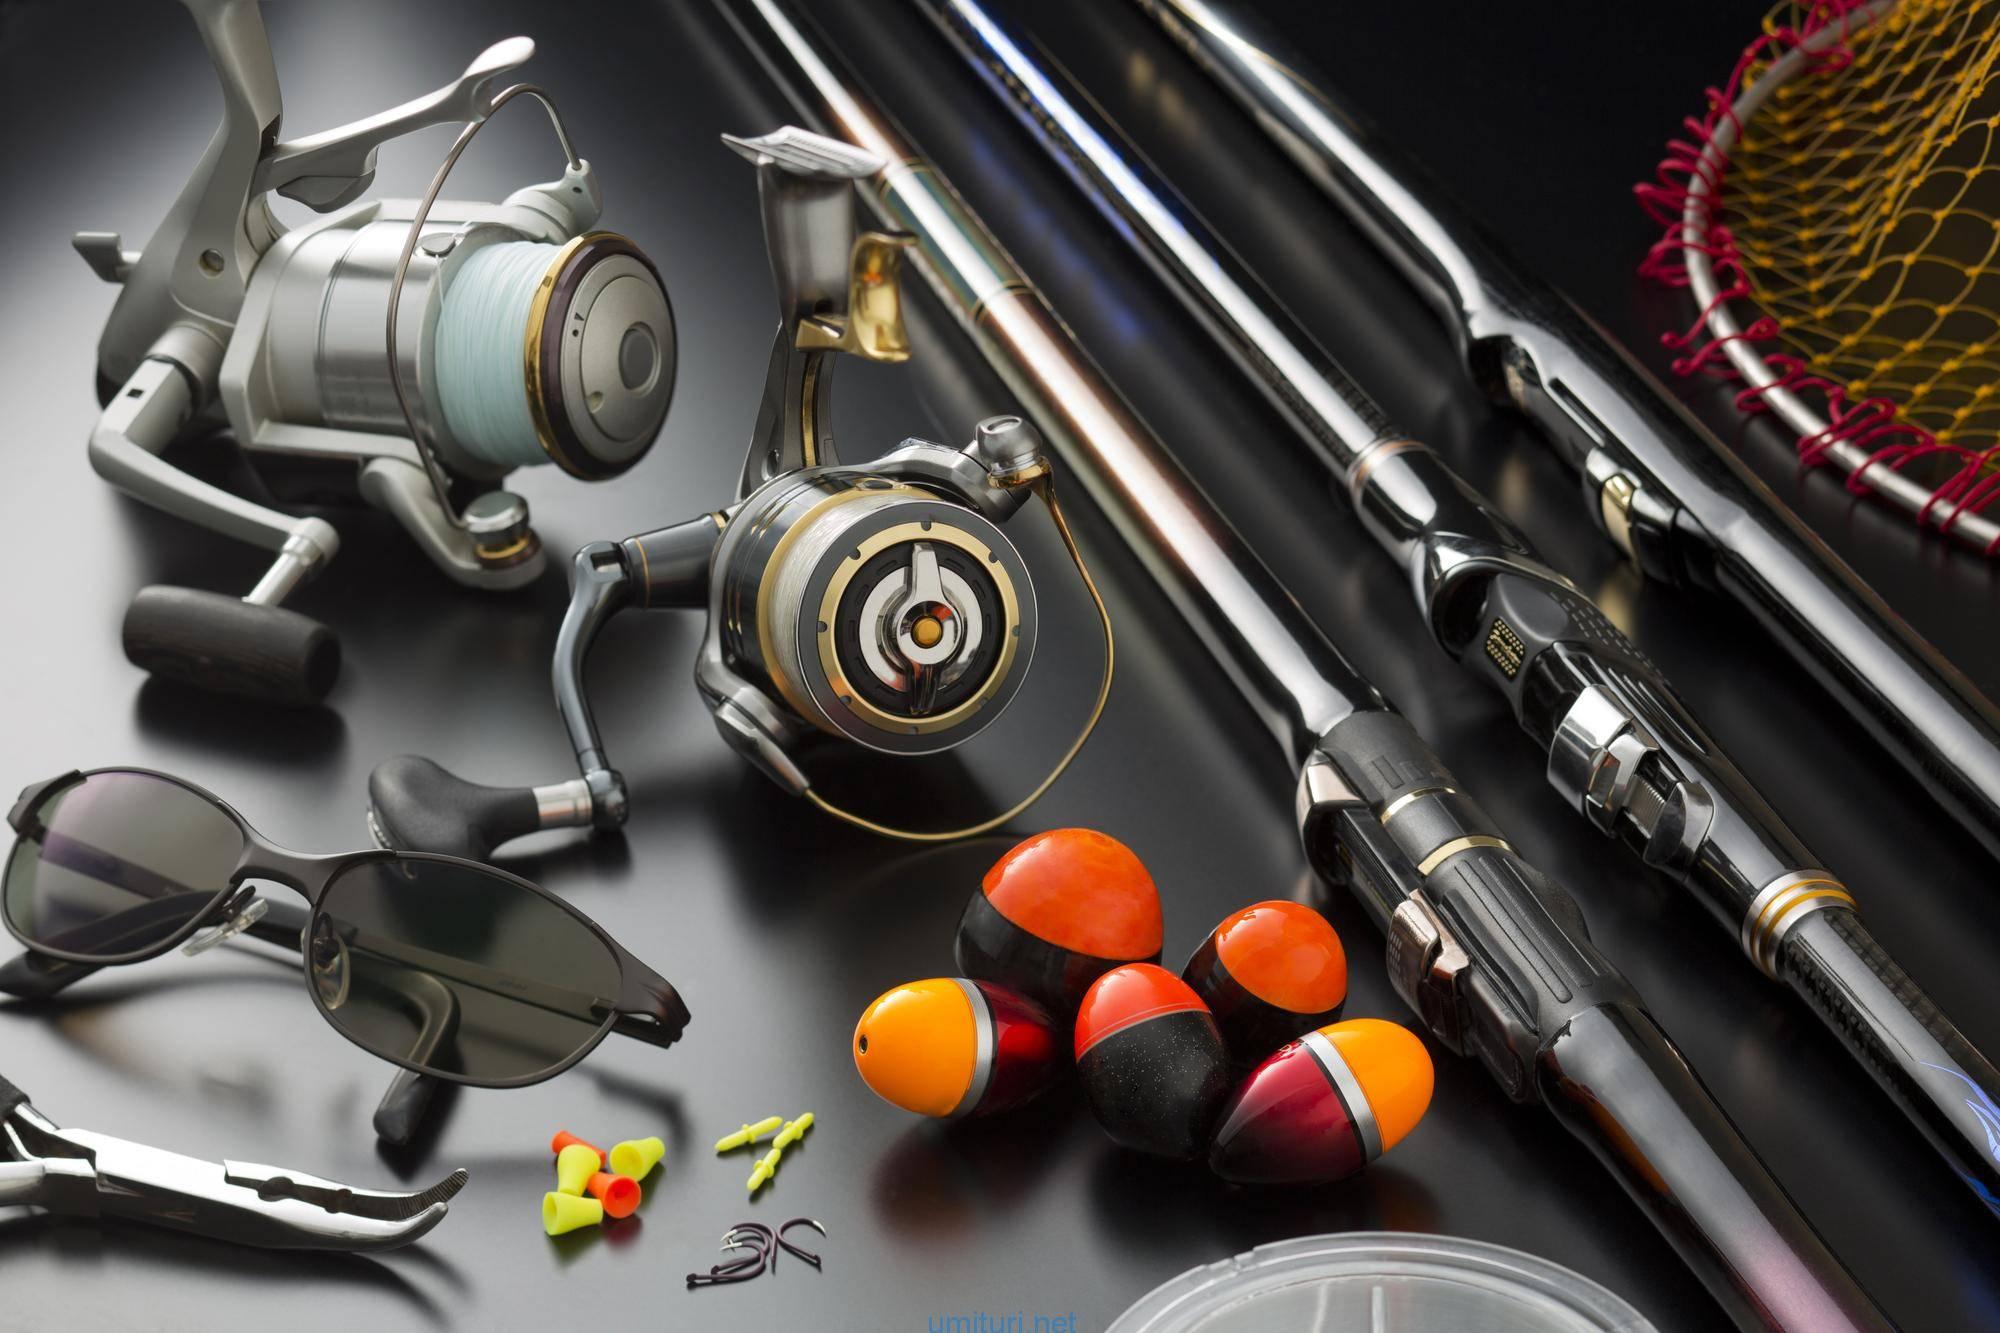 釣り好きな人にプレゼントして喜ばれるもの色々総まとめ